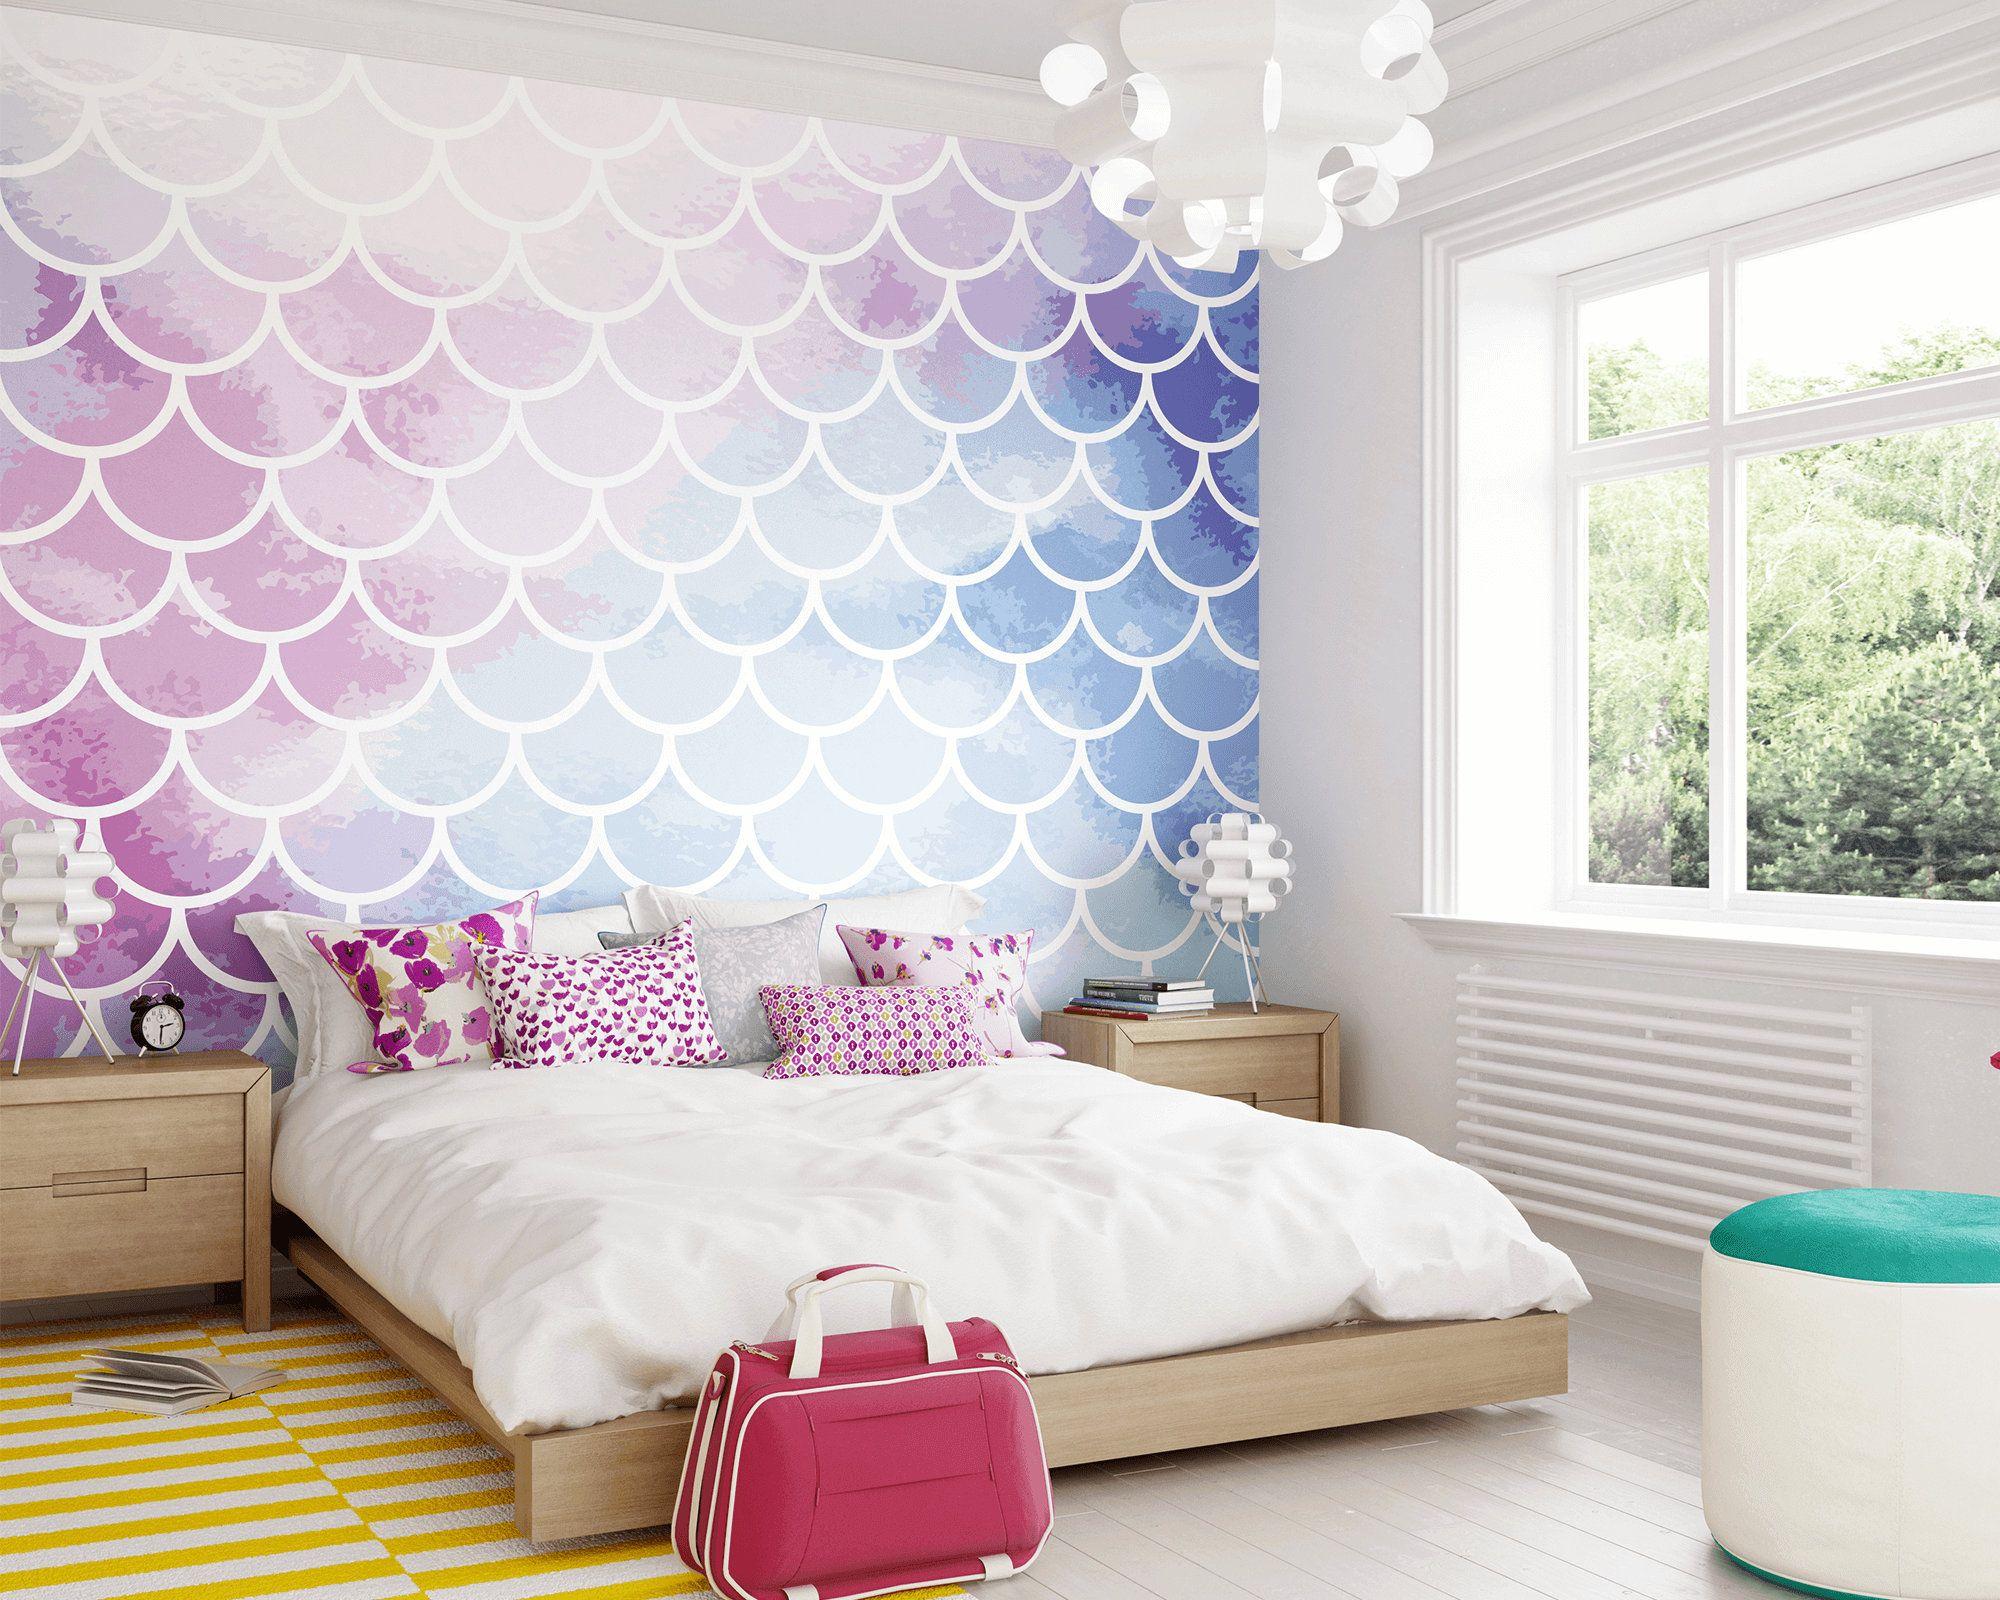 Mermaid Scale Wallpaper Mural Mermaid Girls Bedroom Wall Art